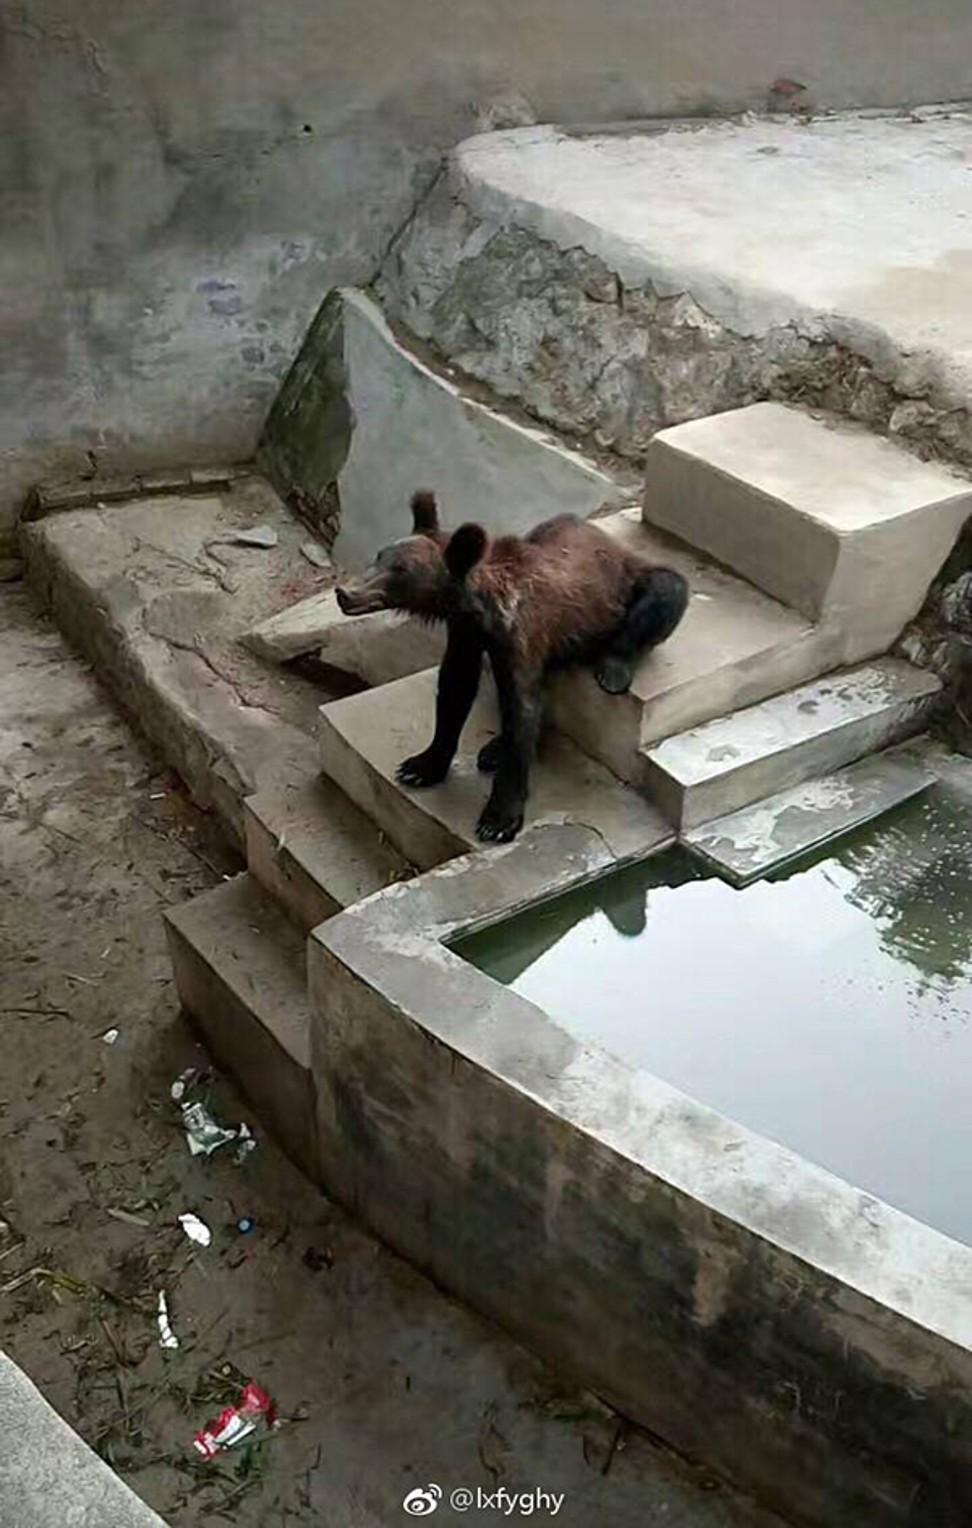 Trung Quốc: Chú gấu nâu gầy trơ xương vì bị sở thú bỏ đói,